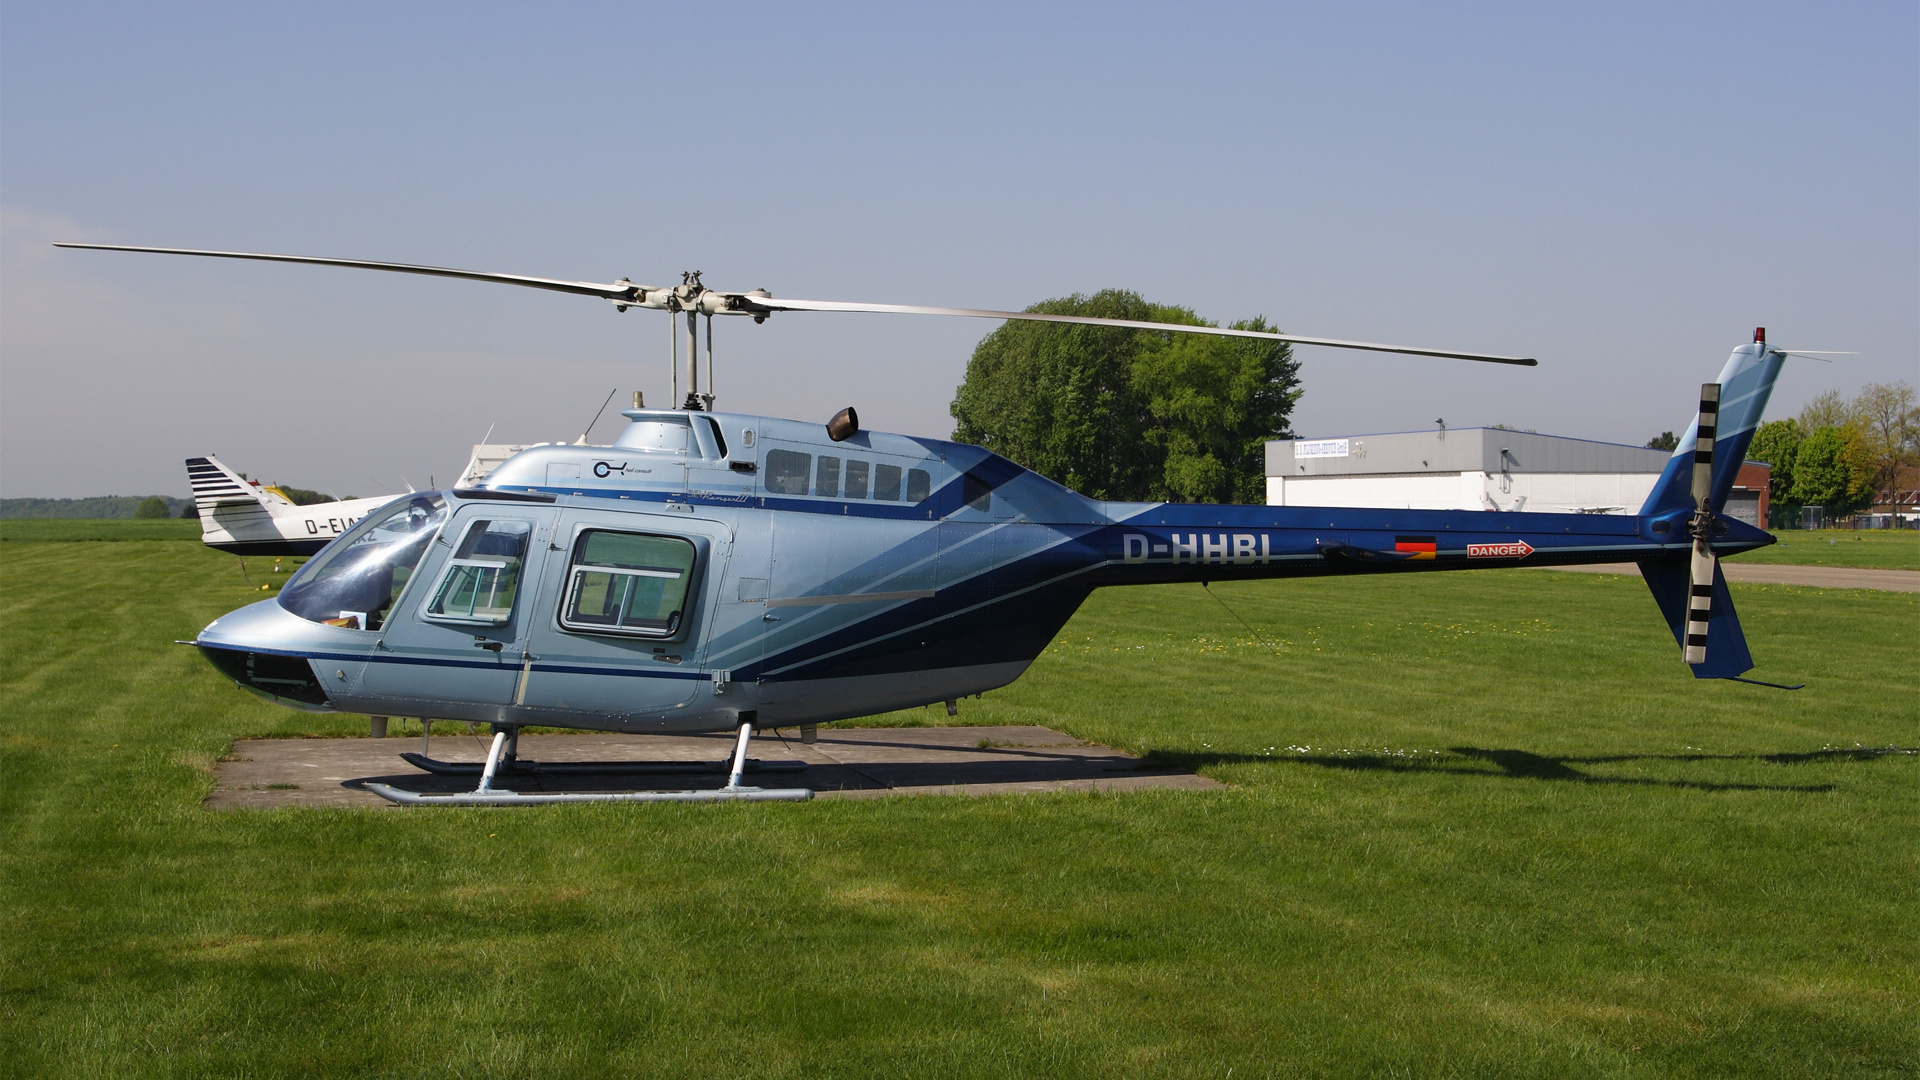 D-HHBI-1 Jetranger  ESS 200904